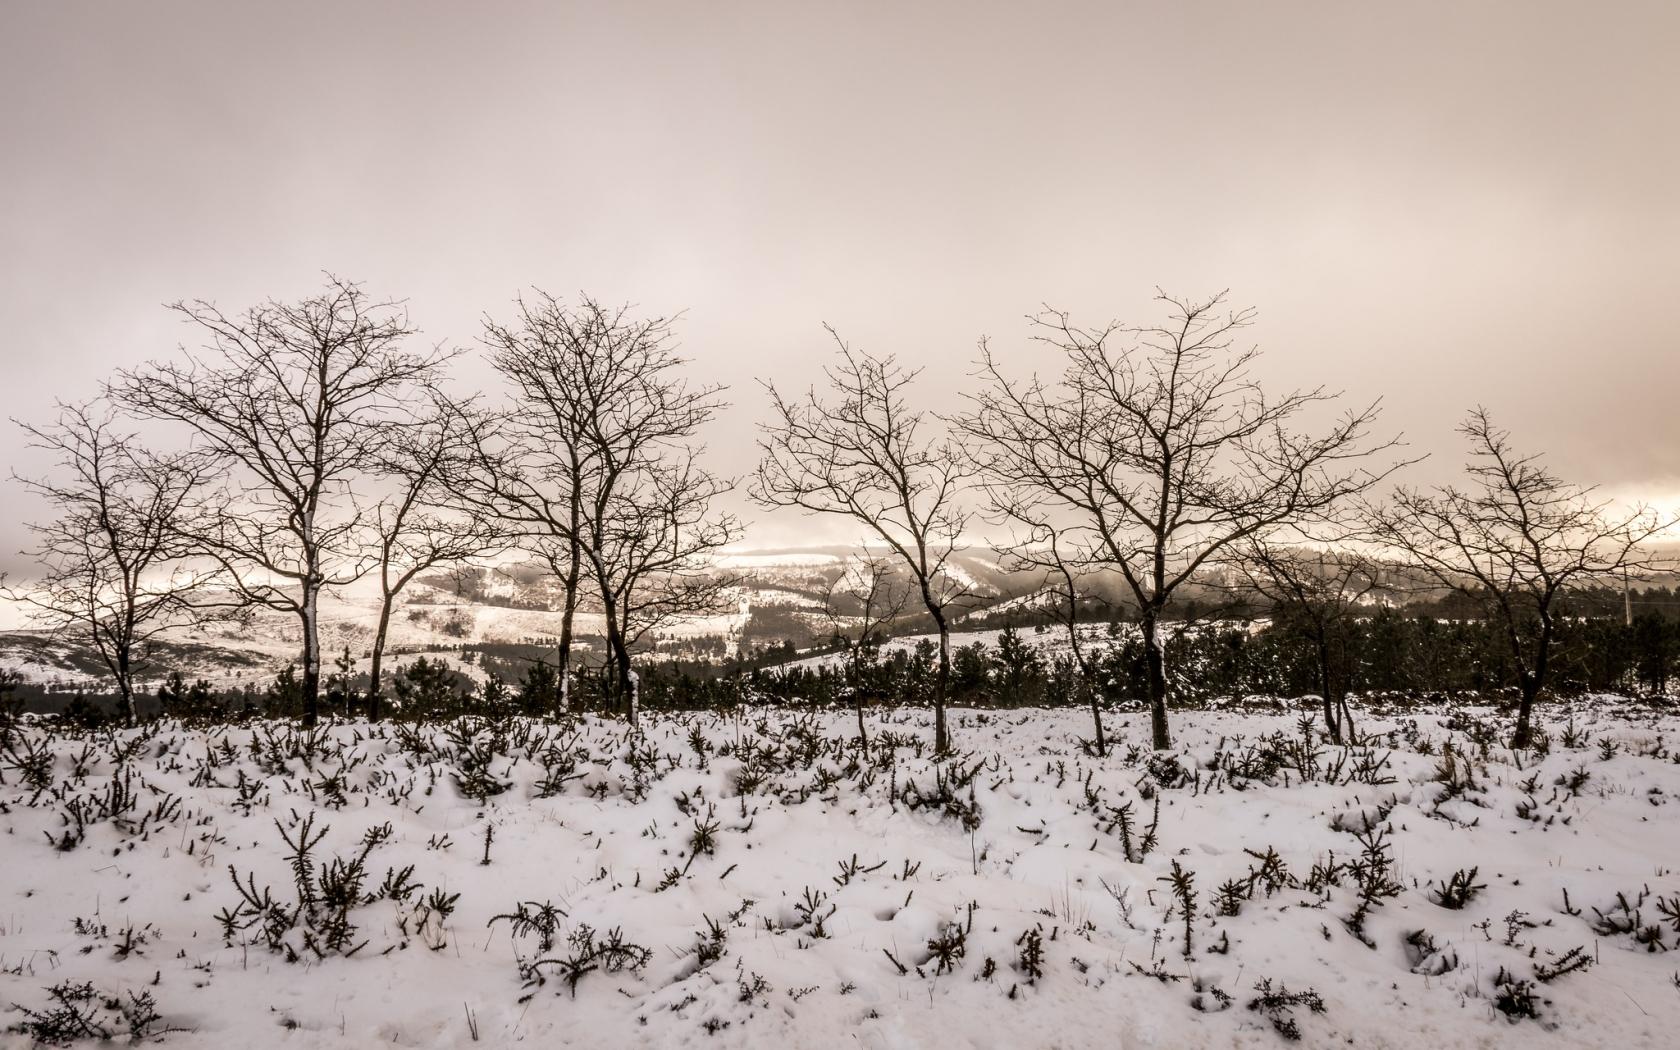 Otoño en las nieves - 1680x1050